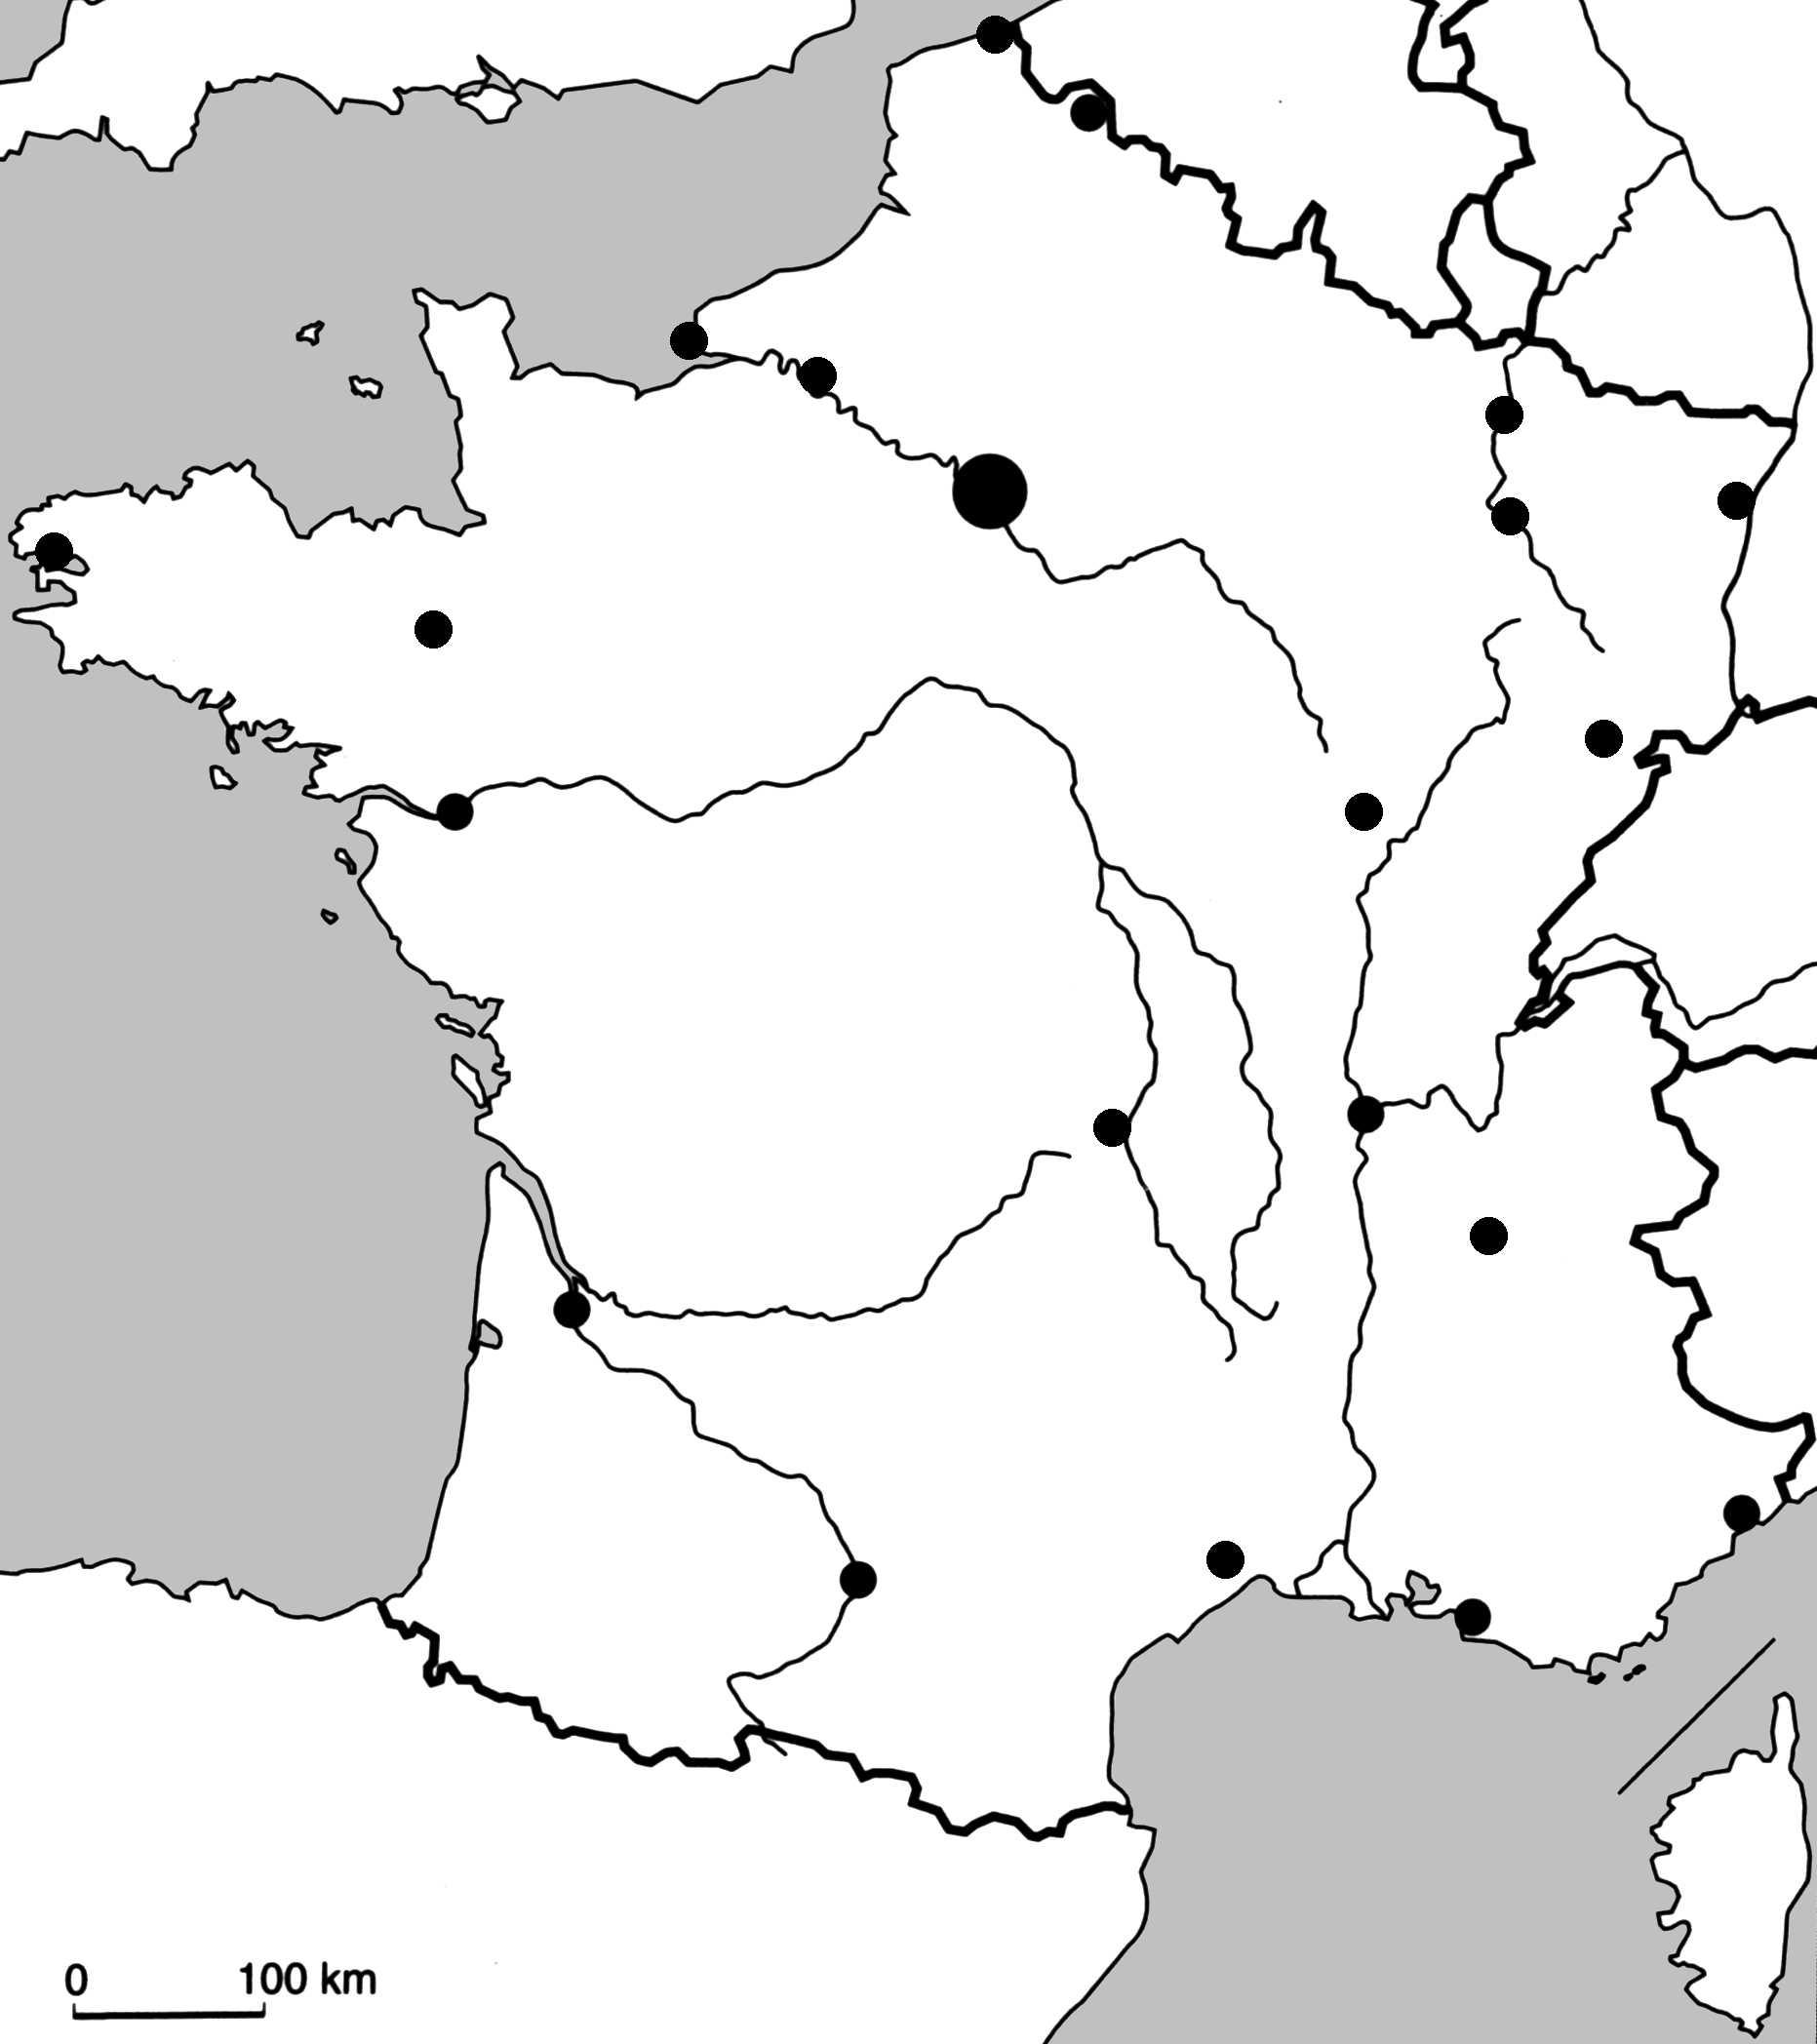 Carte De France Vierge À Compléter En Ligne | My Blog encequiconcerne Carte Europe Vierge À Compléter En Ligne